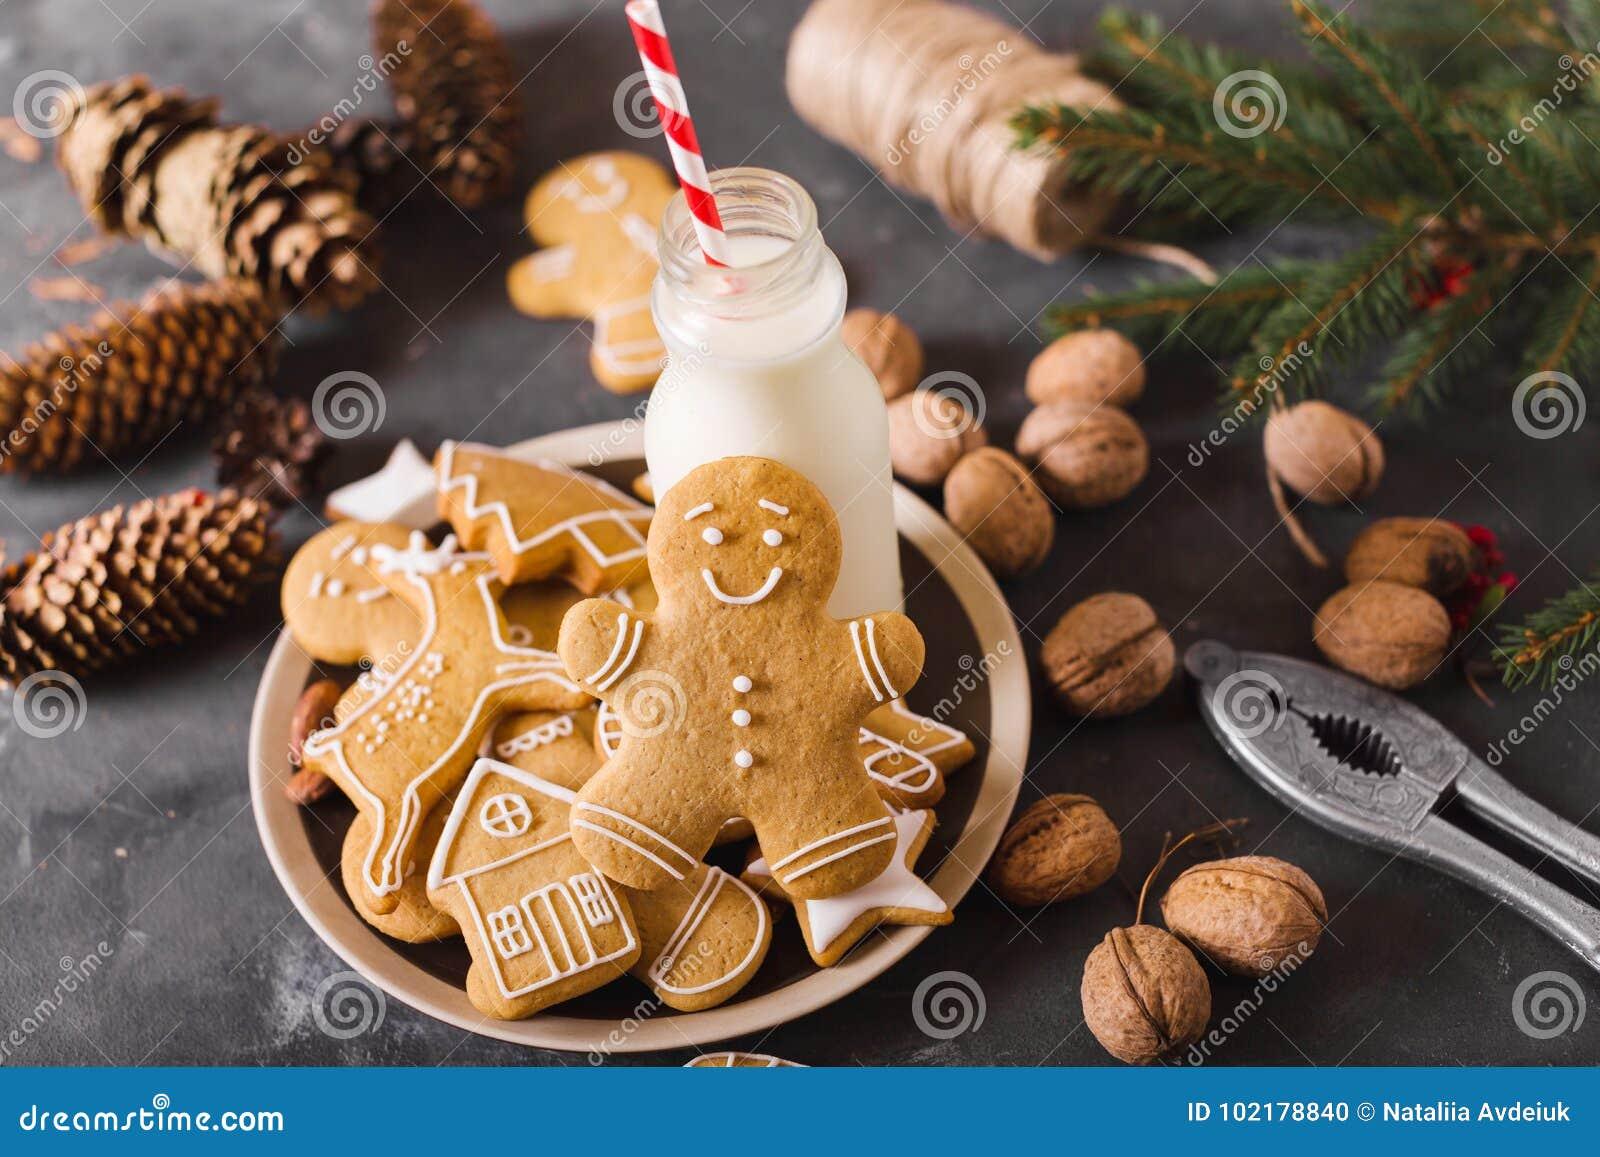 Kakor mjölkar Pepparkakakakor på en grå bakgrund bilder för julkakafind ser mer min portfölj samma serie till